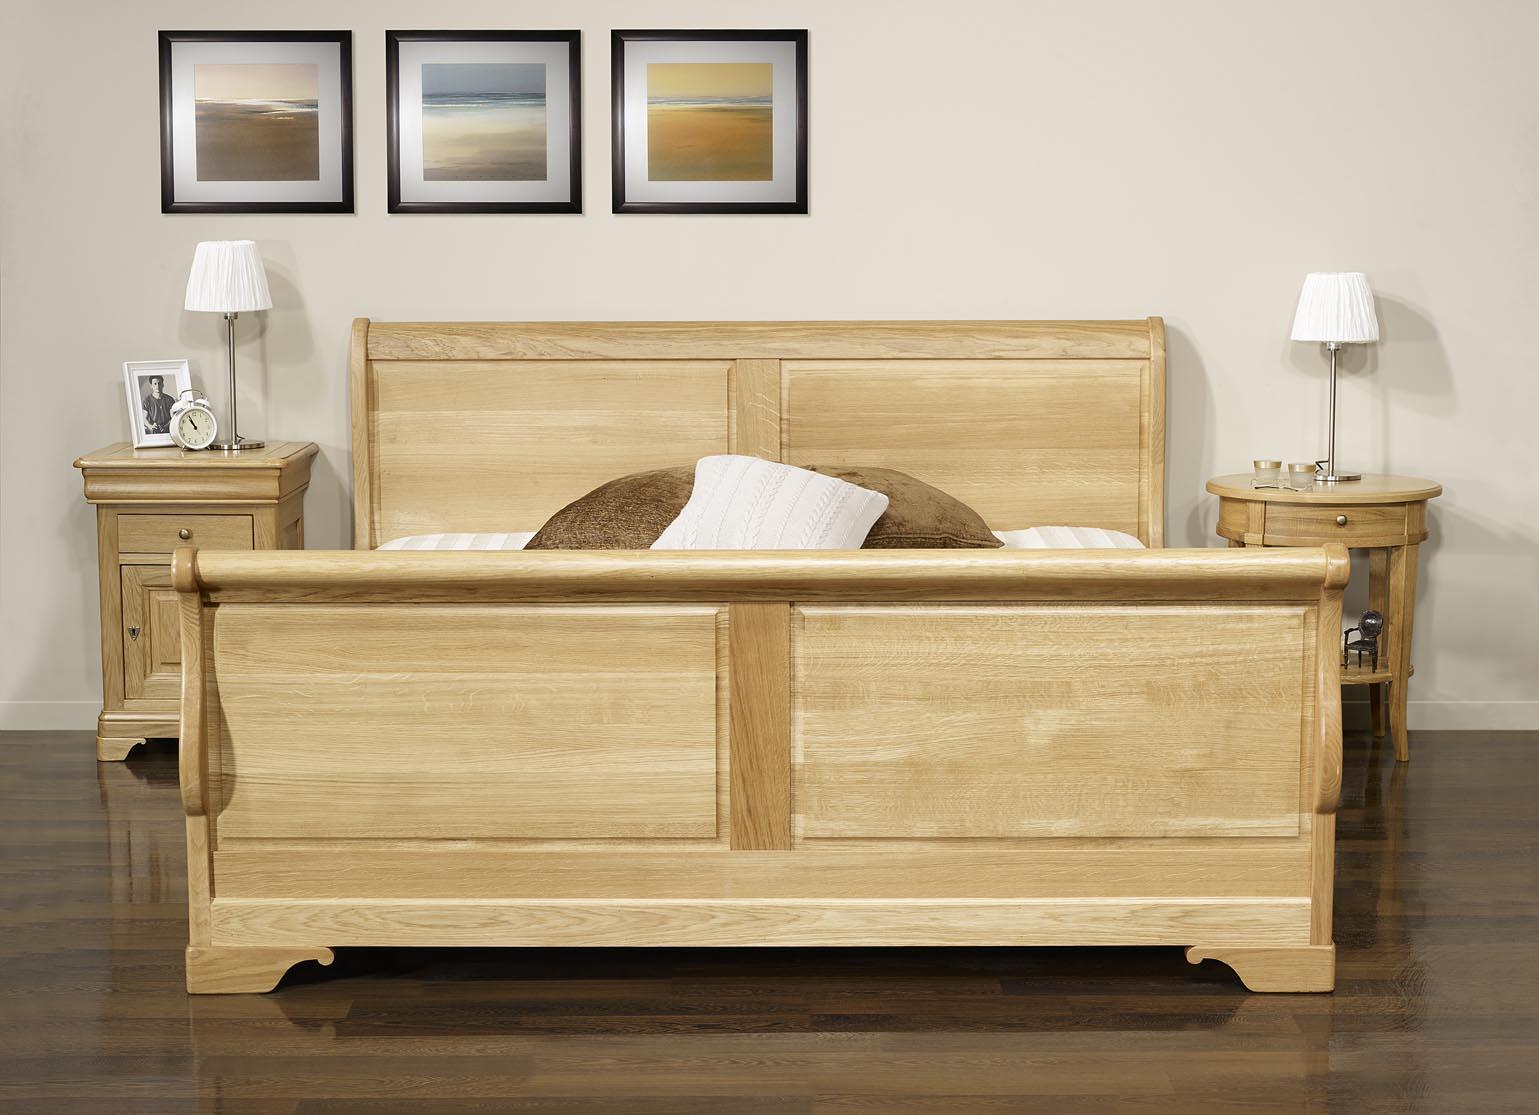 lit bateau en ch ne massif 180 200 de style louis philippe meuble en ch ne massif. Black Bedroom Furniture Sets. Home Design Ideas